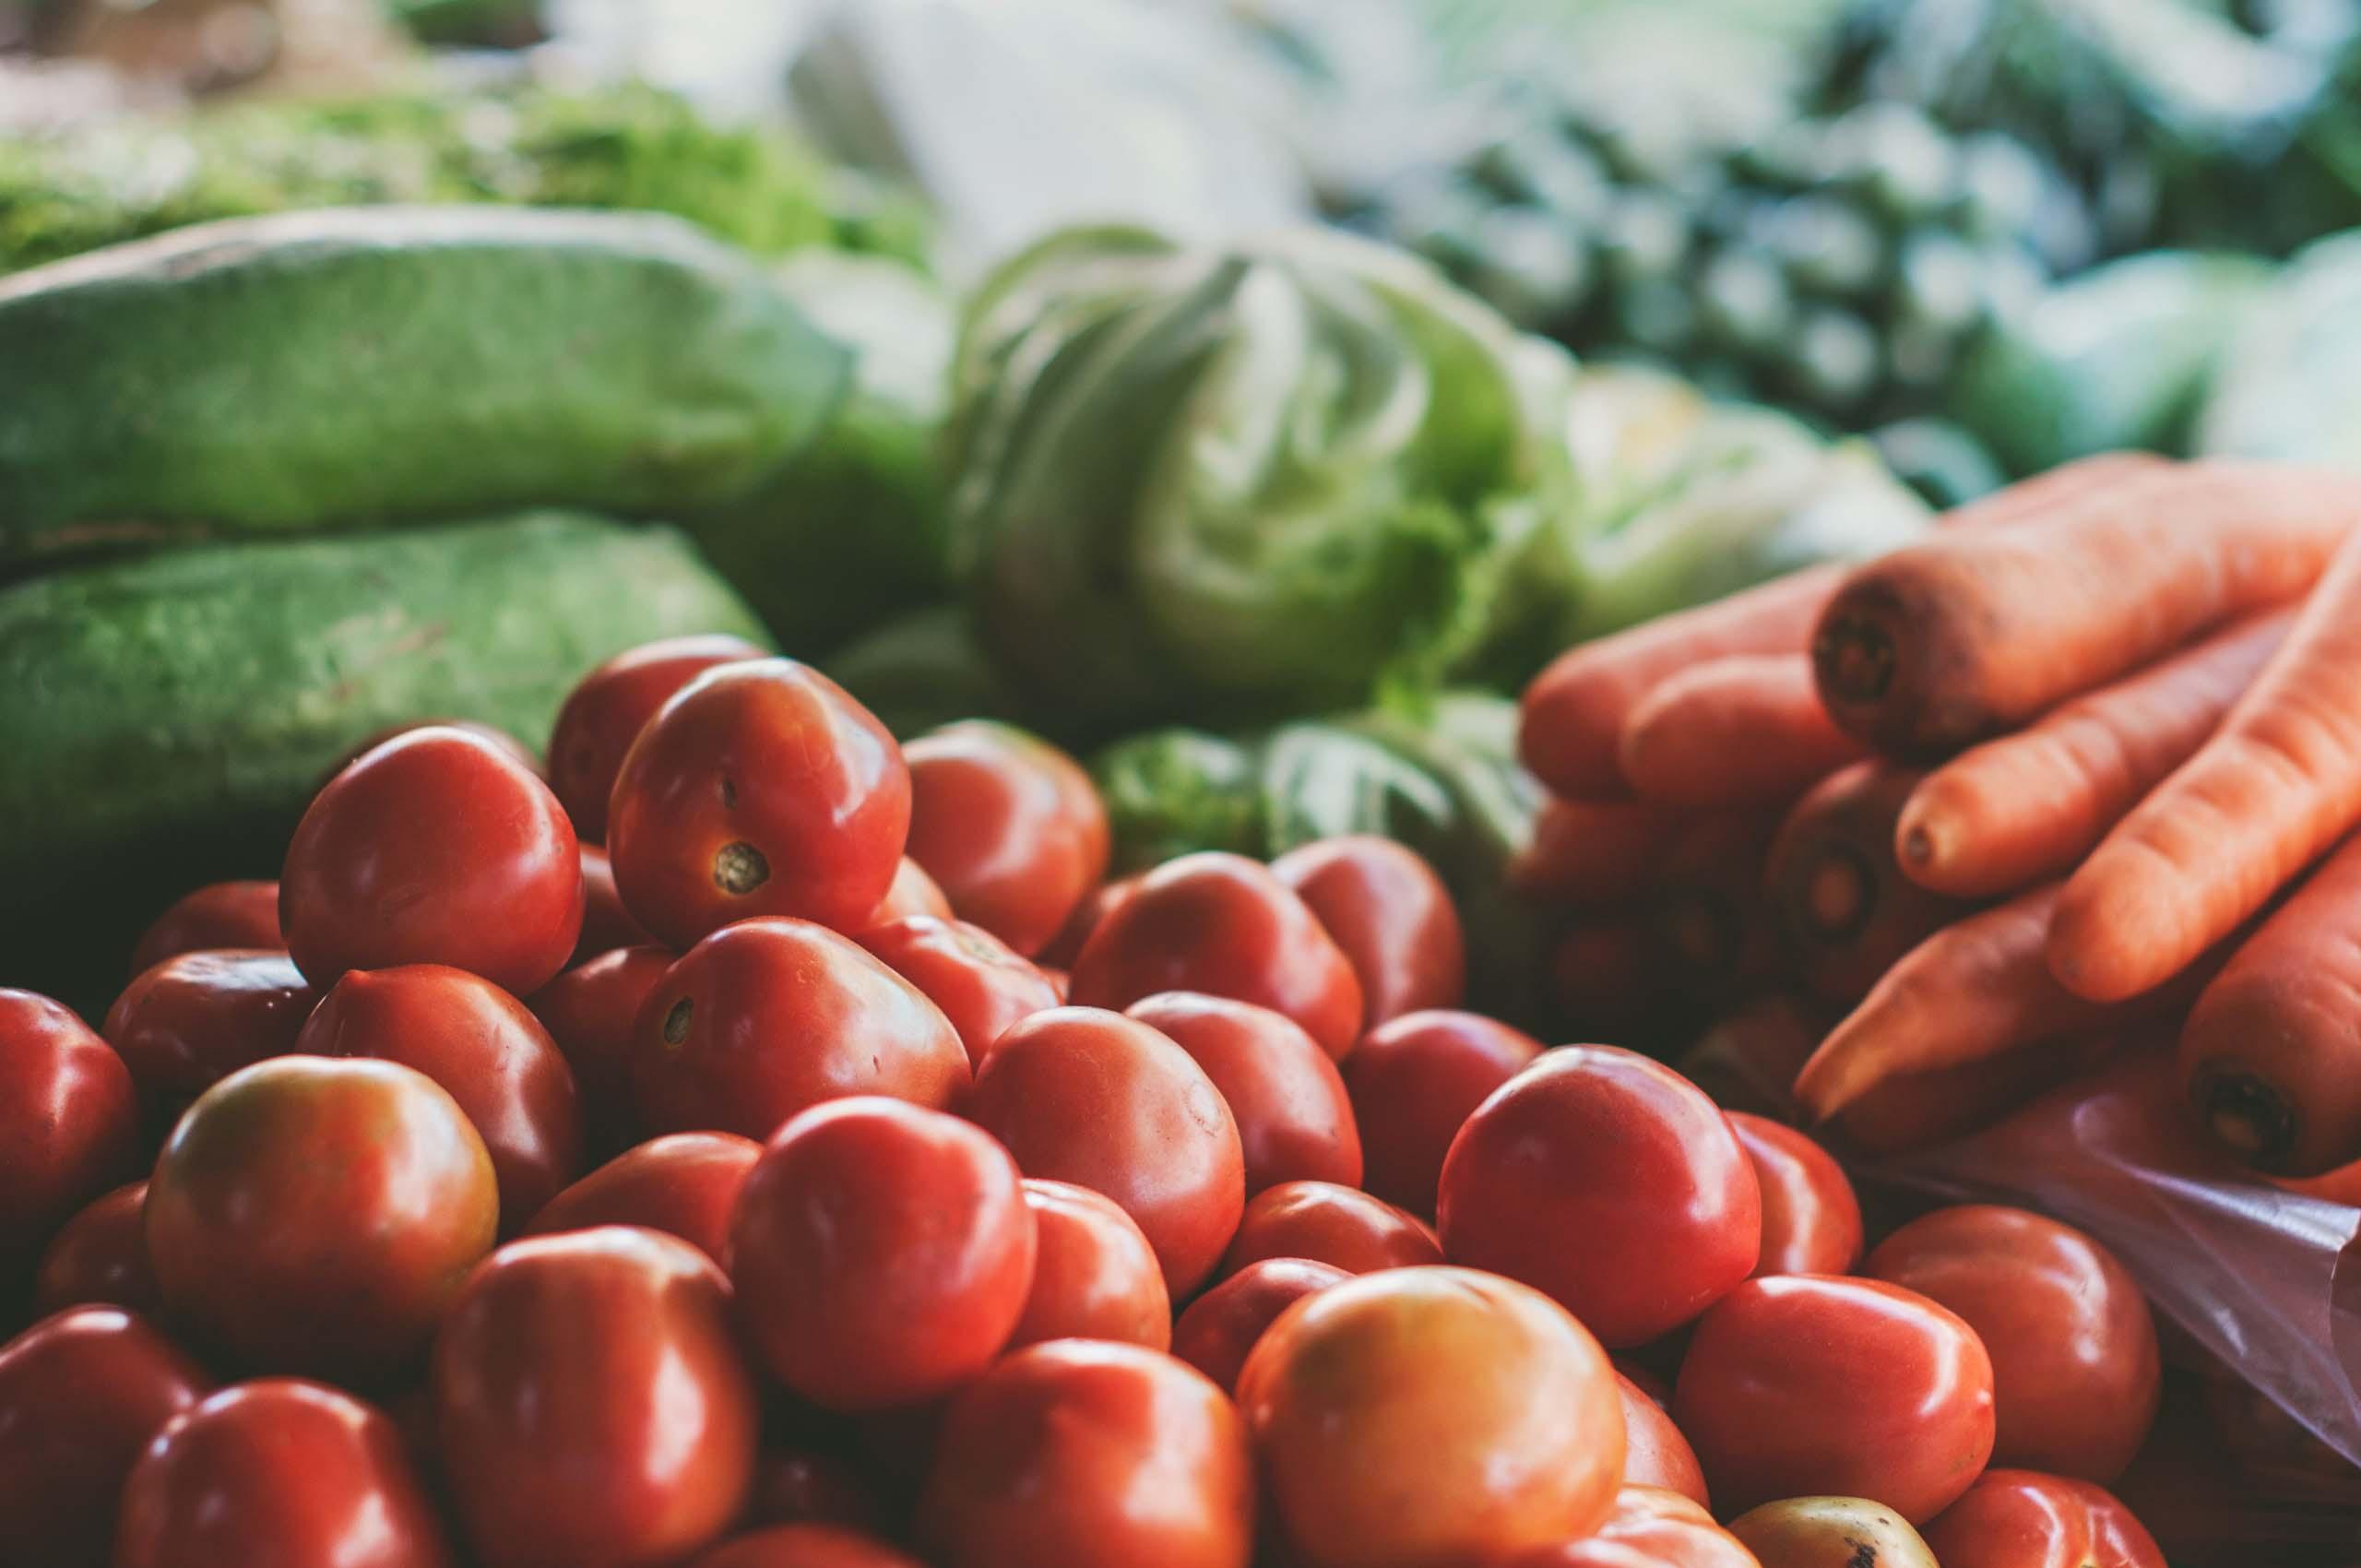 Gemüste. Tomaten, Gurken, Salat und Karotten.